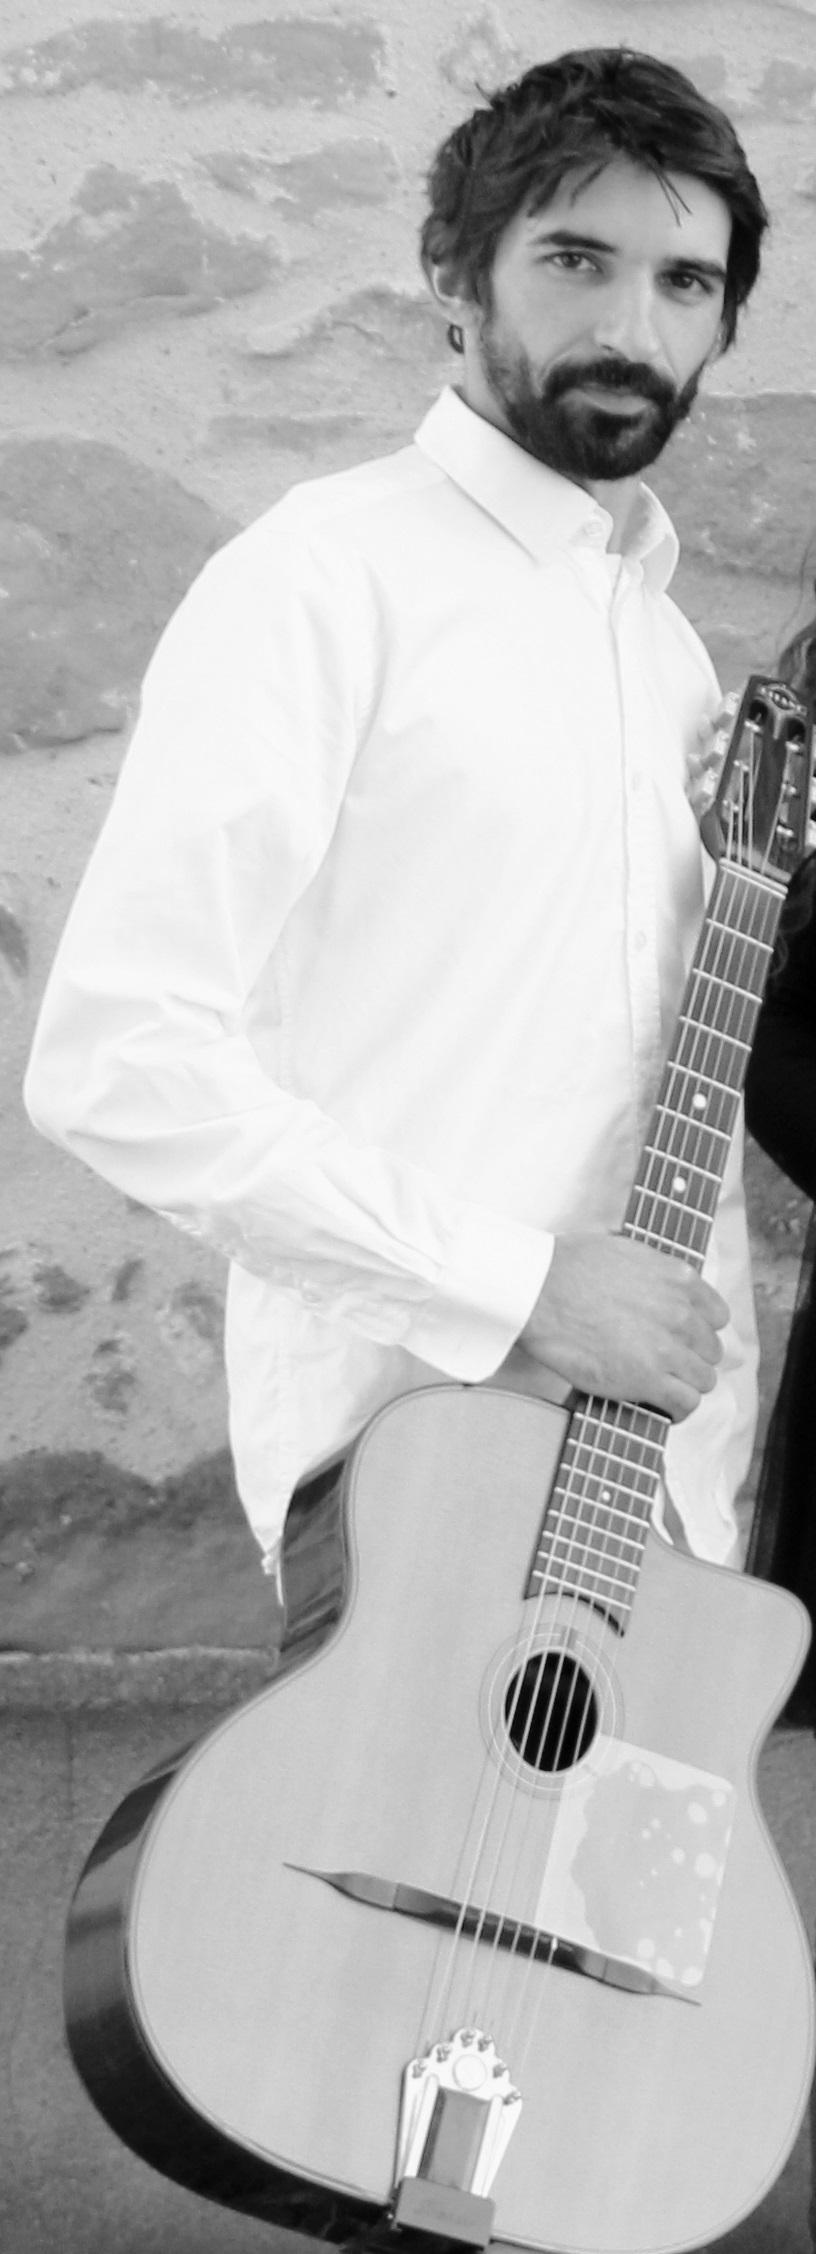 Rehan-Guitare.com